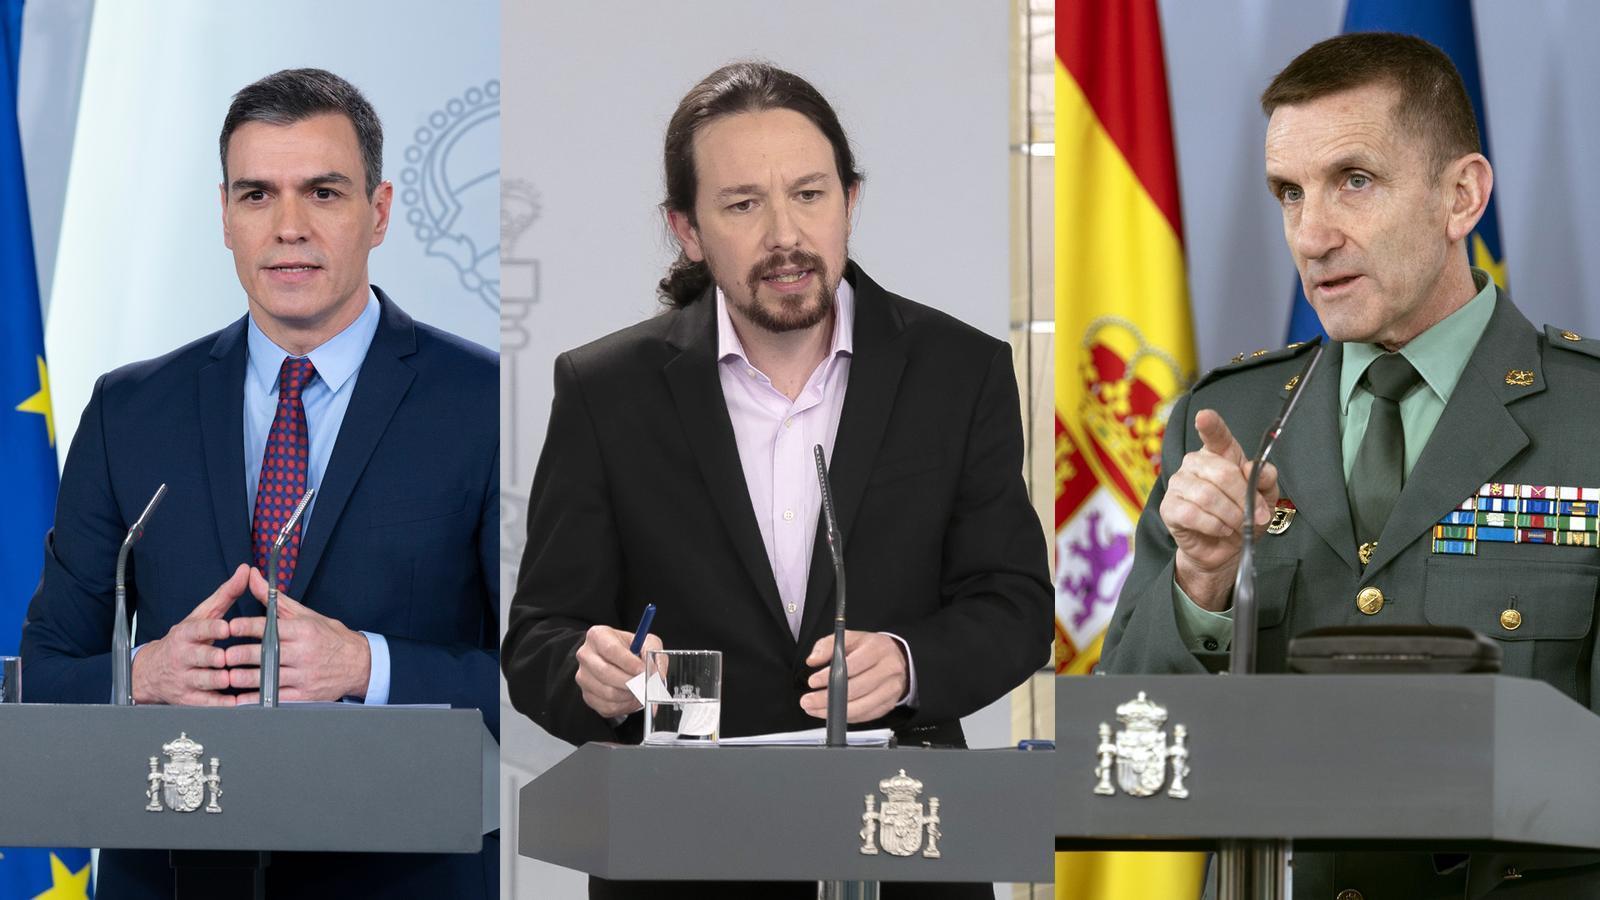 L'anàlisi d'Antoni Bassas: 'L'error va ser militaritzar la imatge del govern espanyol'